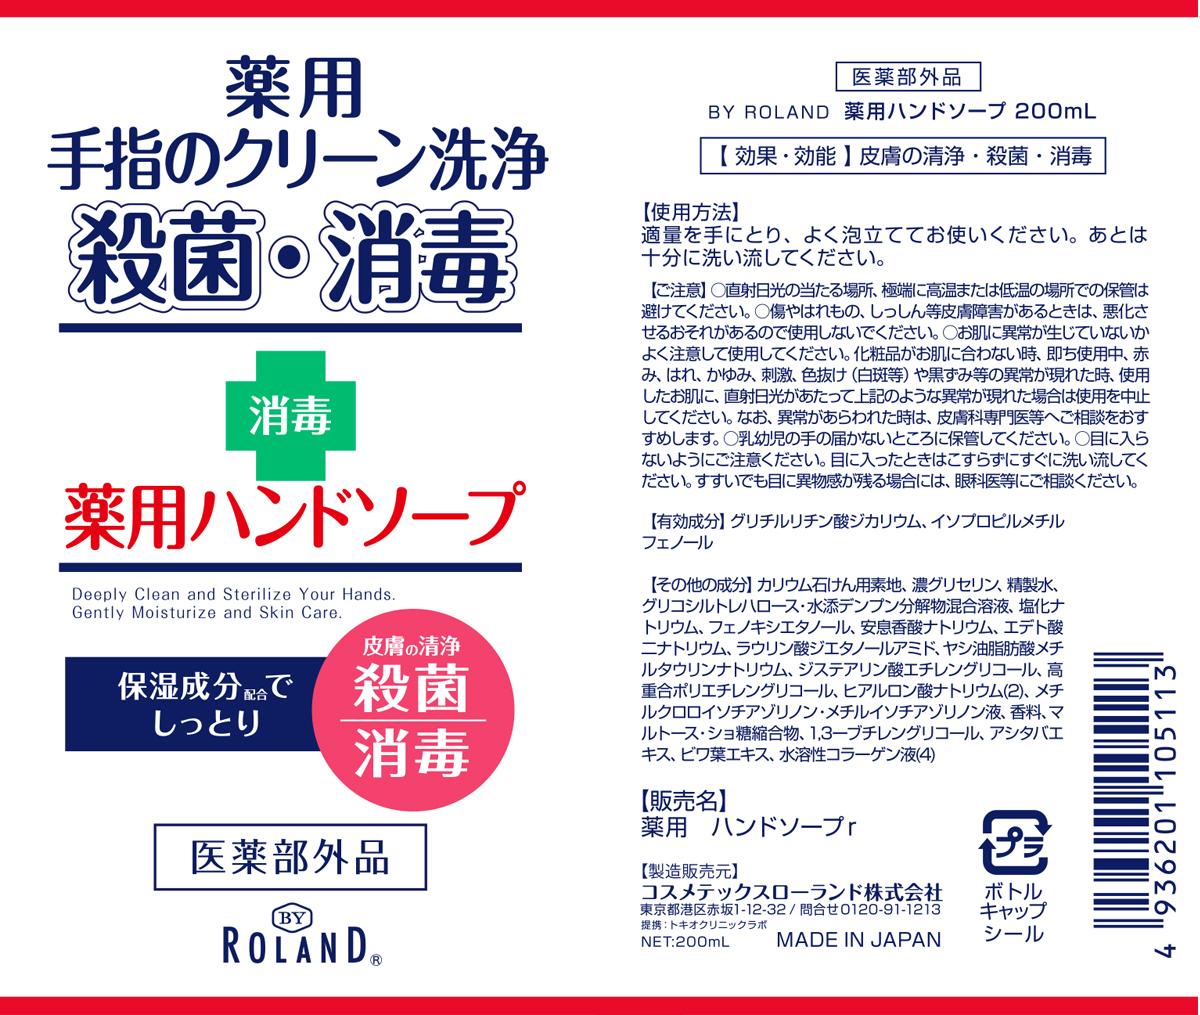 薬用ハンドソープ 200mL 医薬部外品 日本製 殺菌 消毒 BY ROLAND (x716)